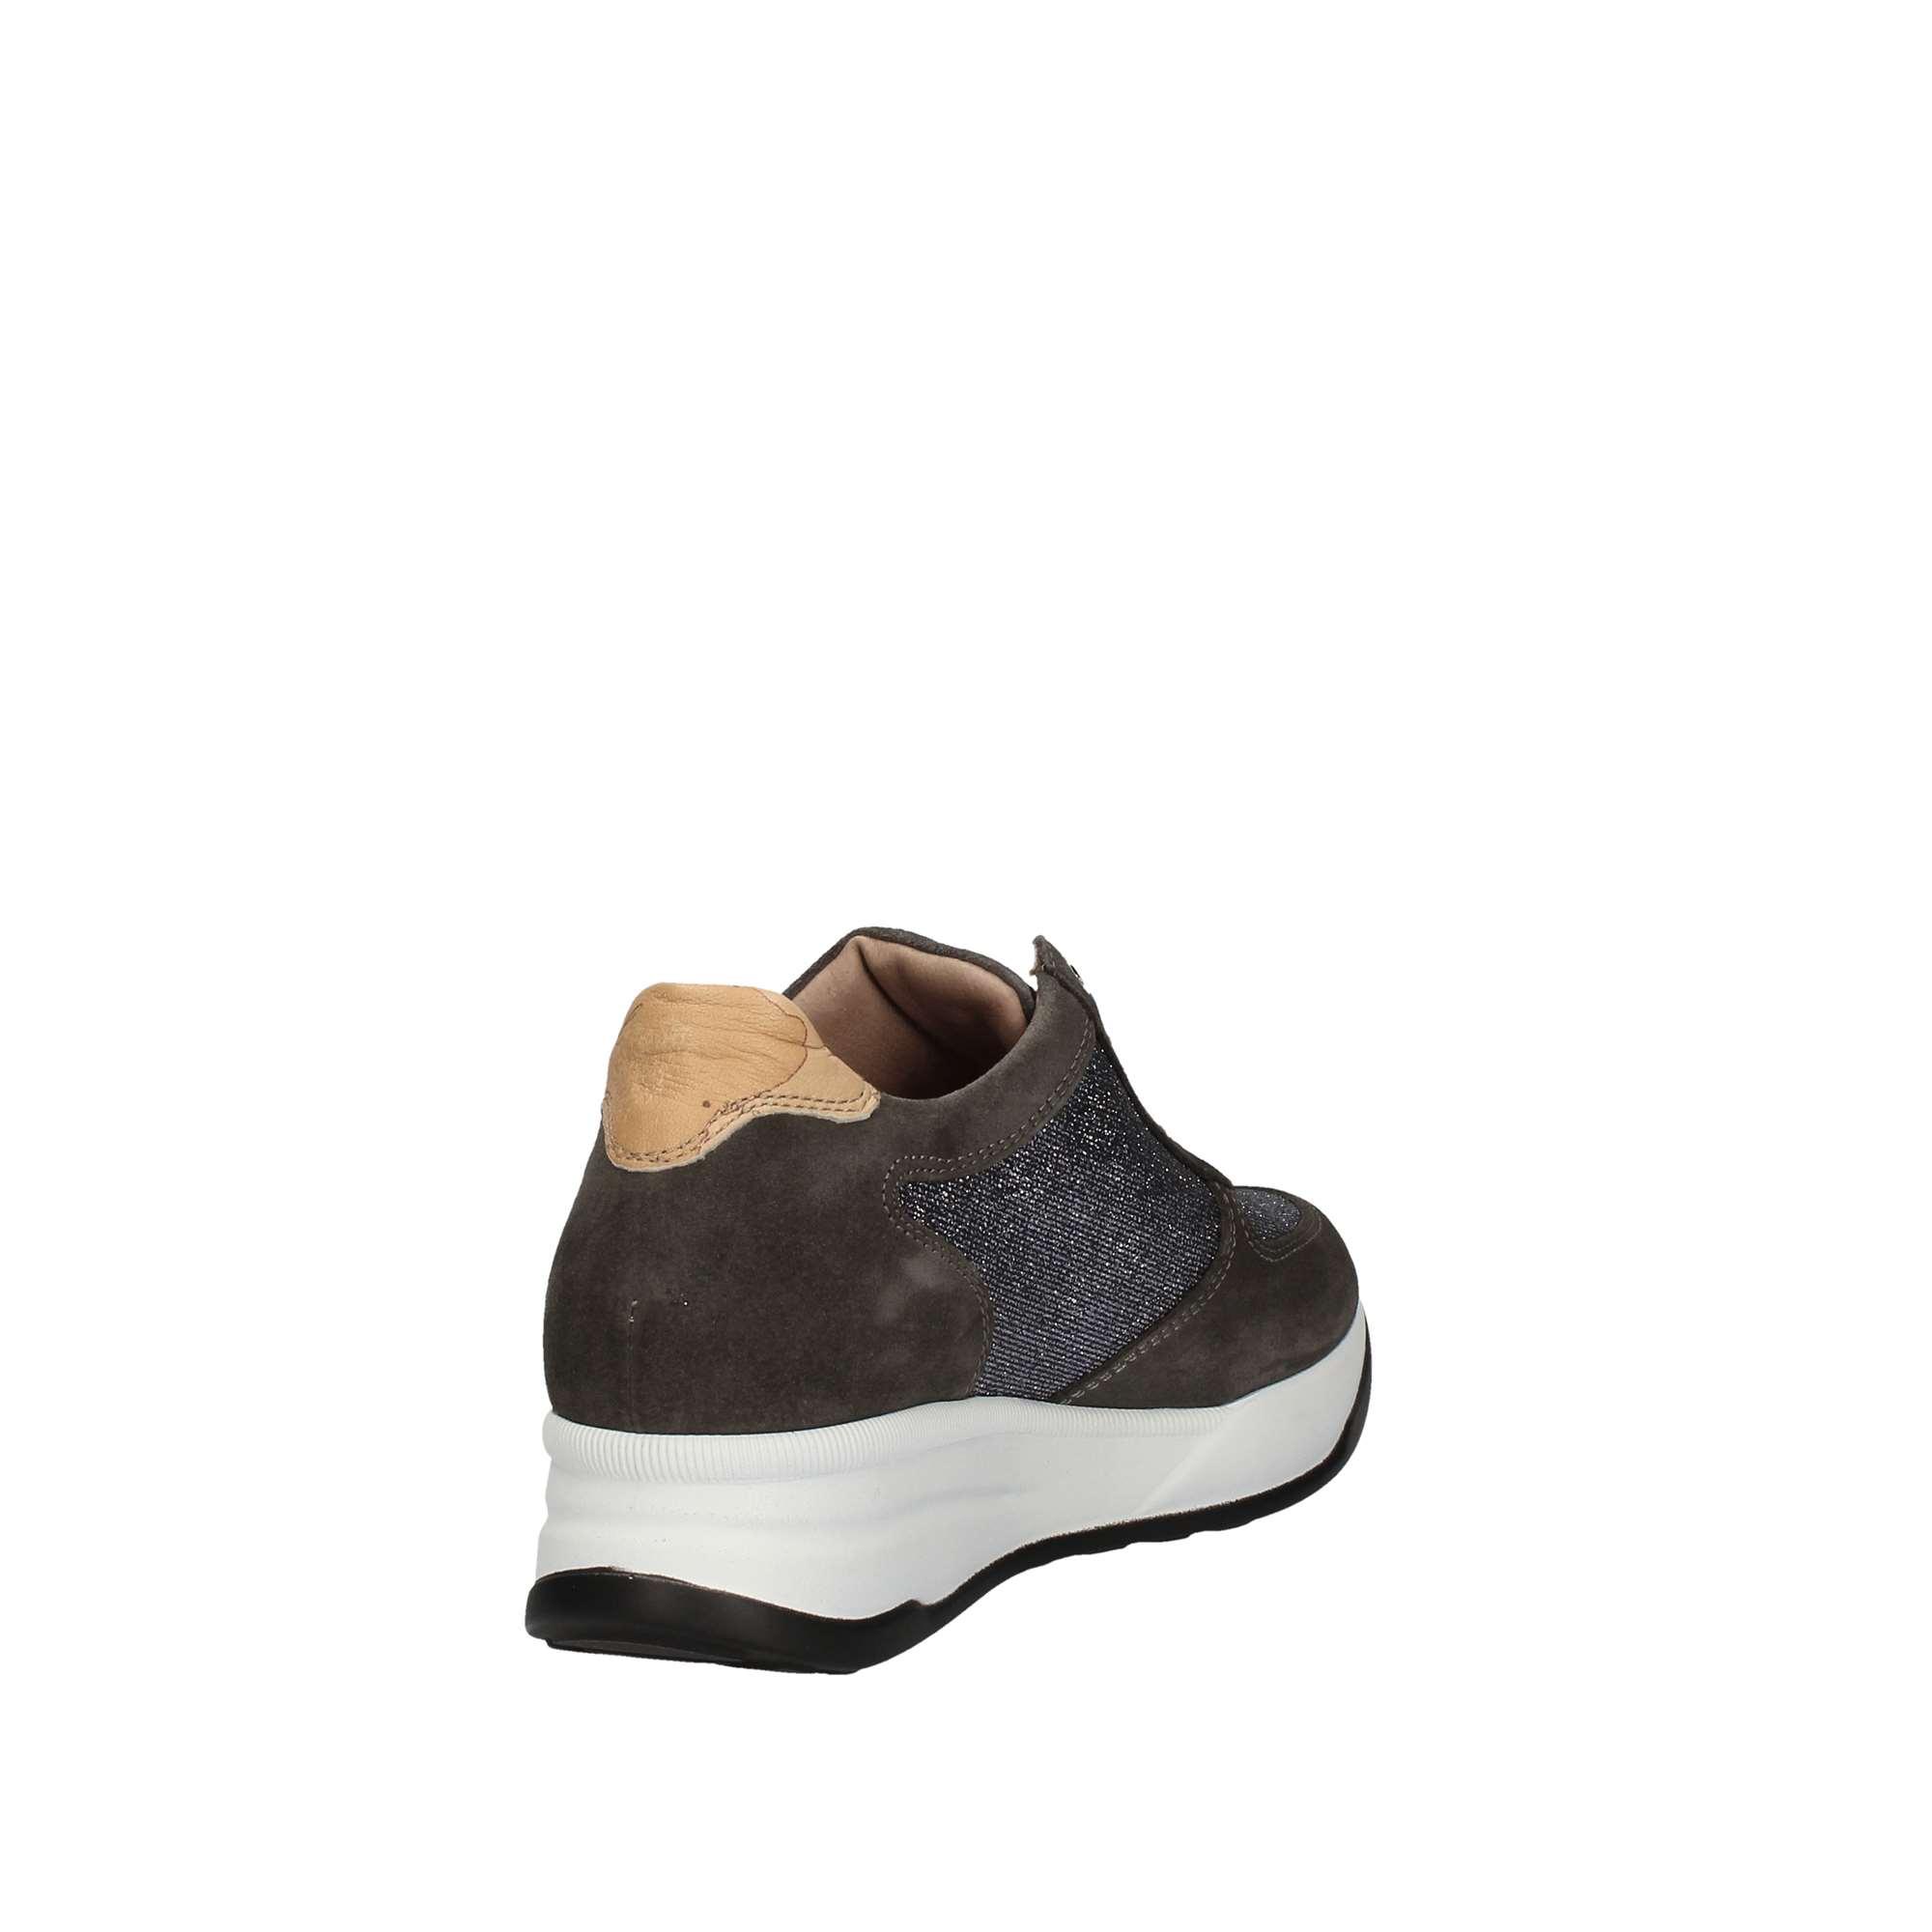 Donna 0046 Sneakers 0218 Autunno Martini inverno Alviero UAqzH